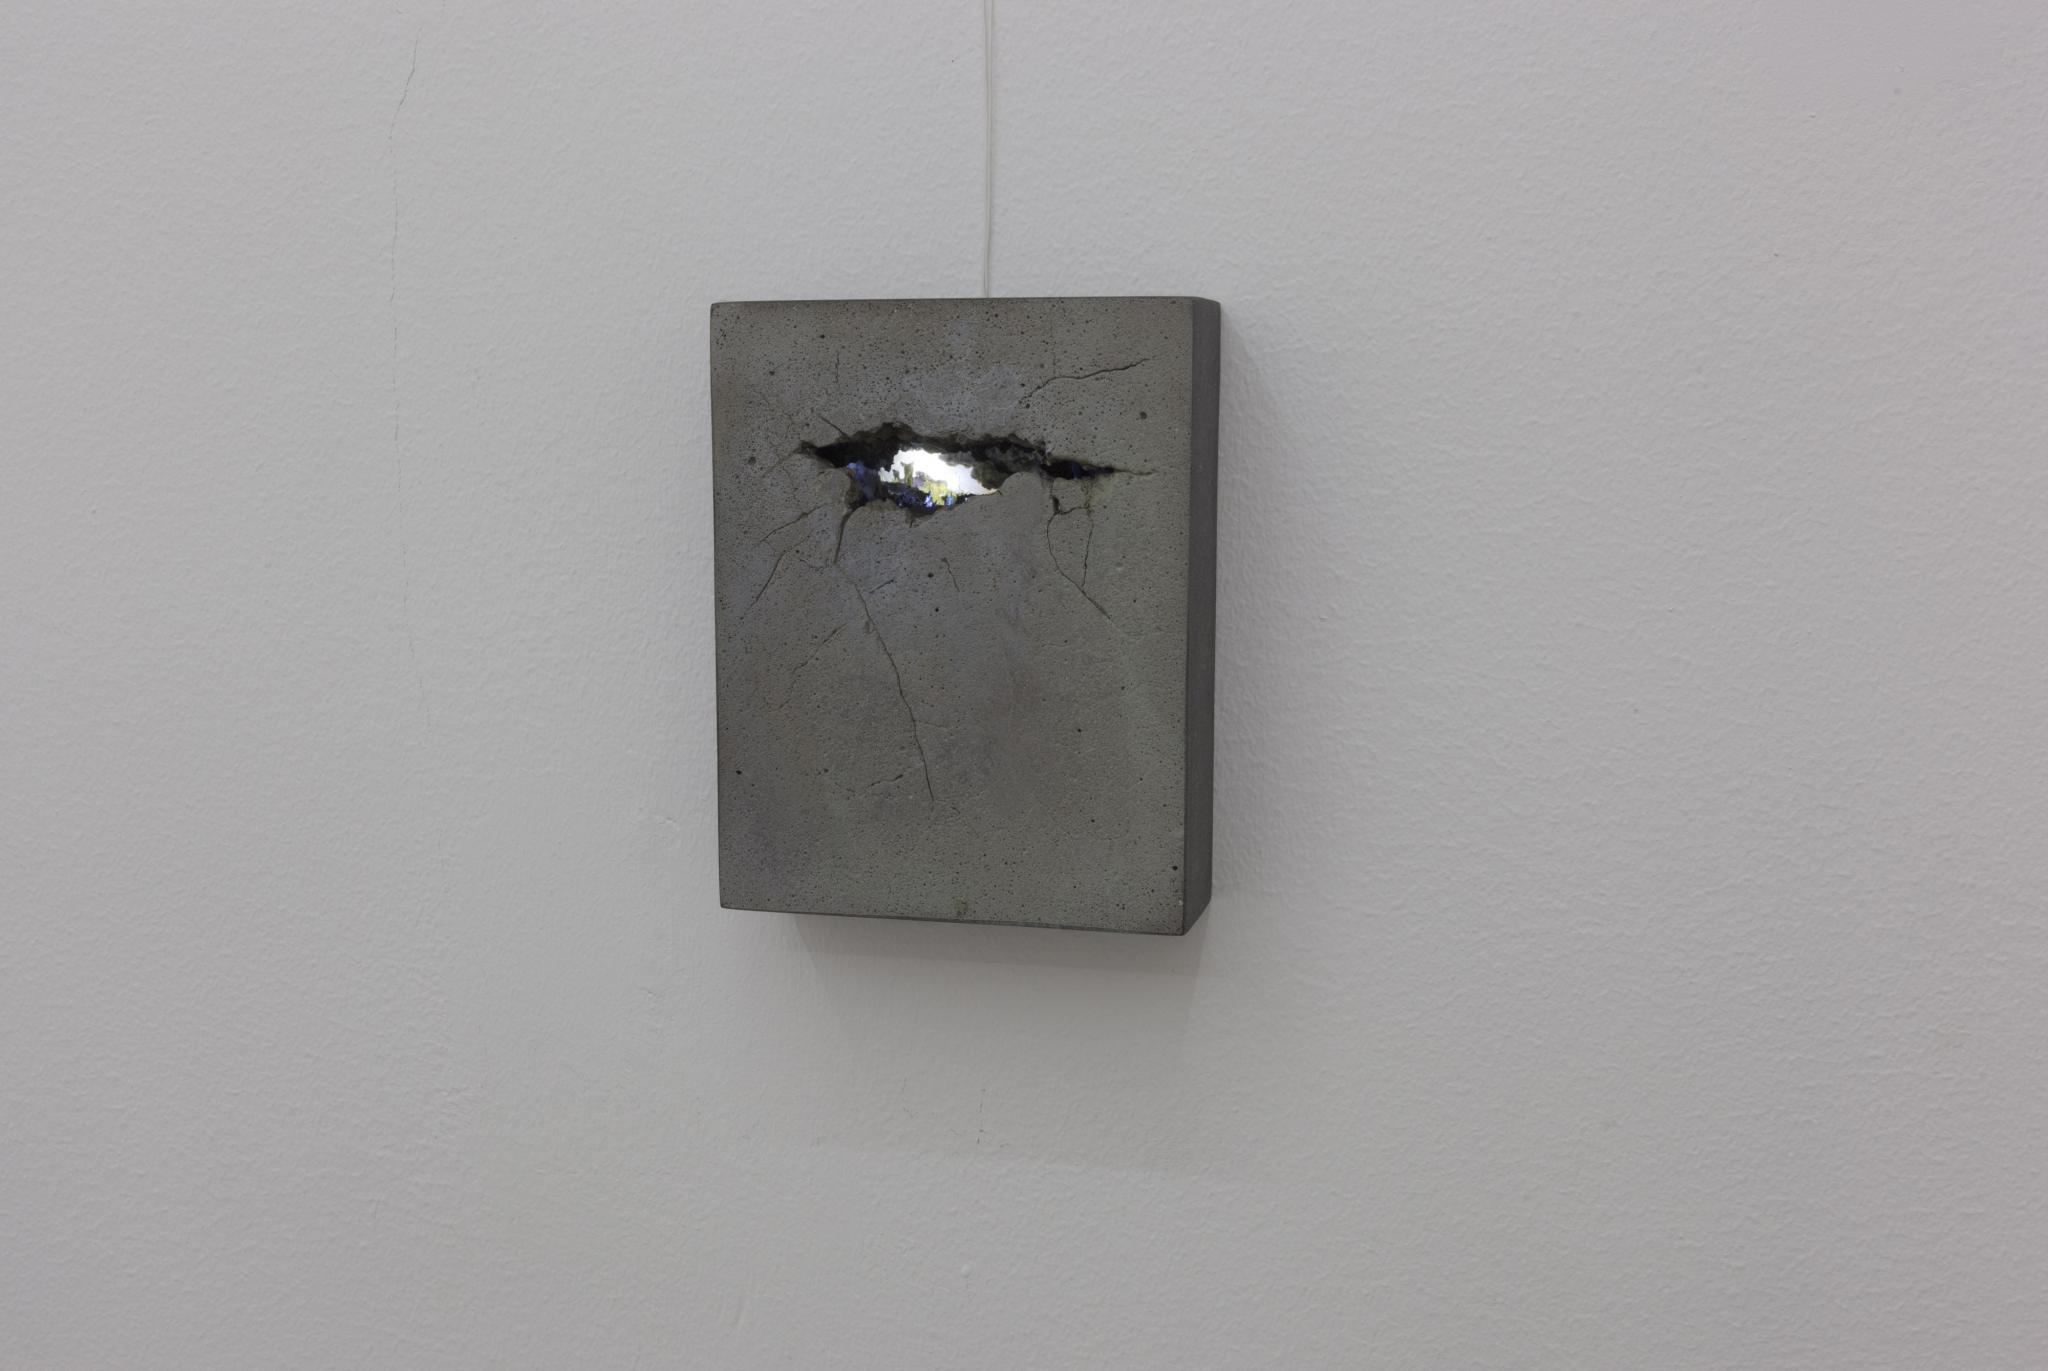 oscar-furbacken-weatherings-detail-2015